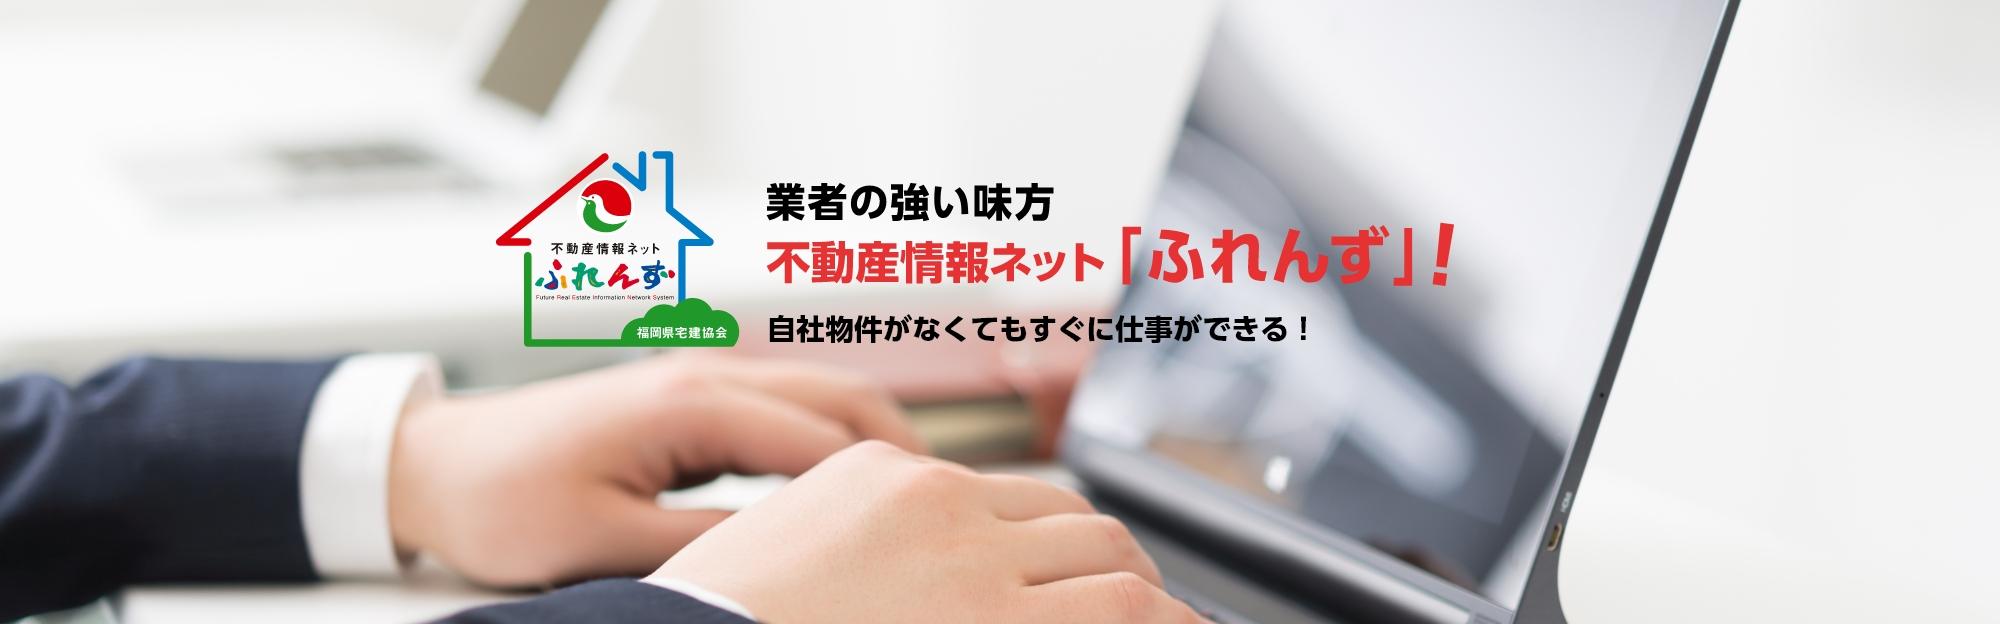 業者の強い味方 不動産情報ネット「ふれんず」!自社物件がなくてもすぐに仕事ができる!